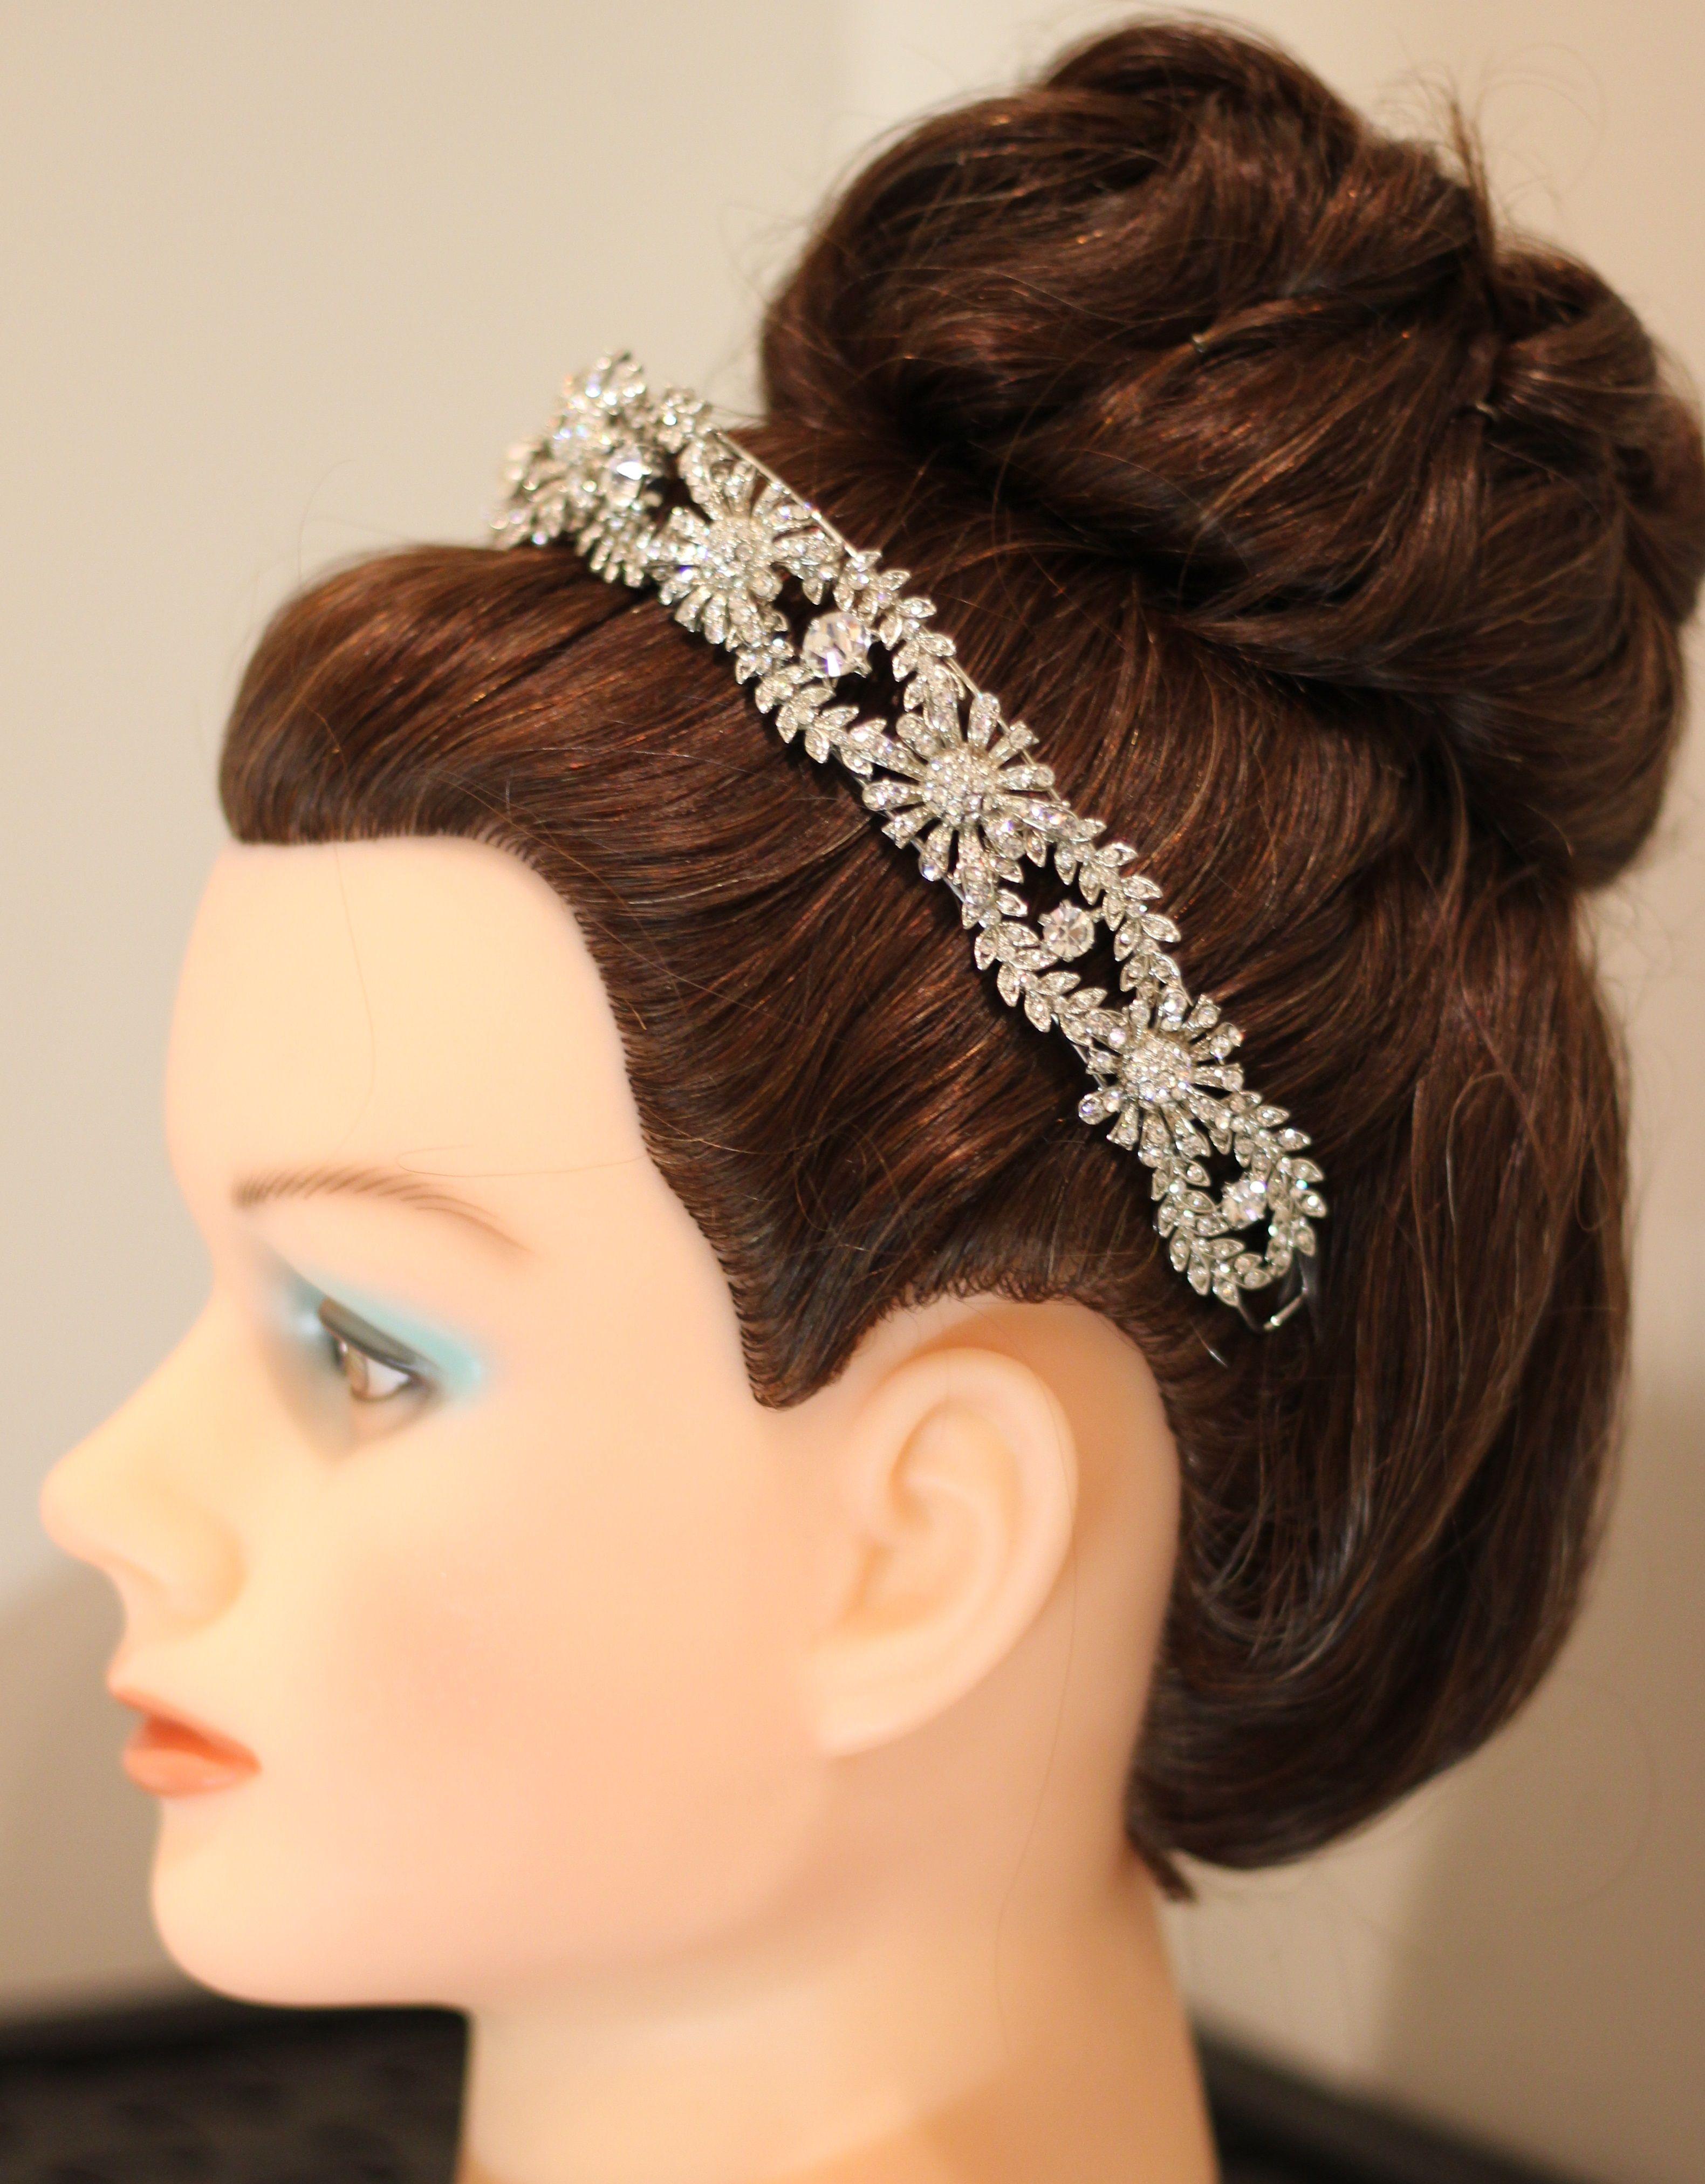 high textured bun updo with tiara | high up textured bun